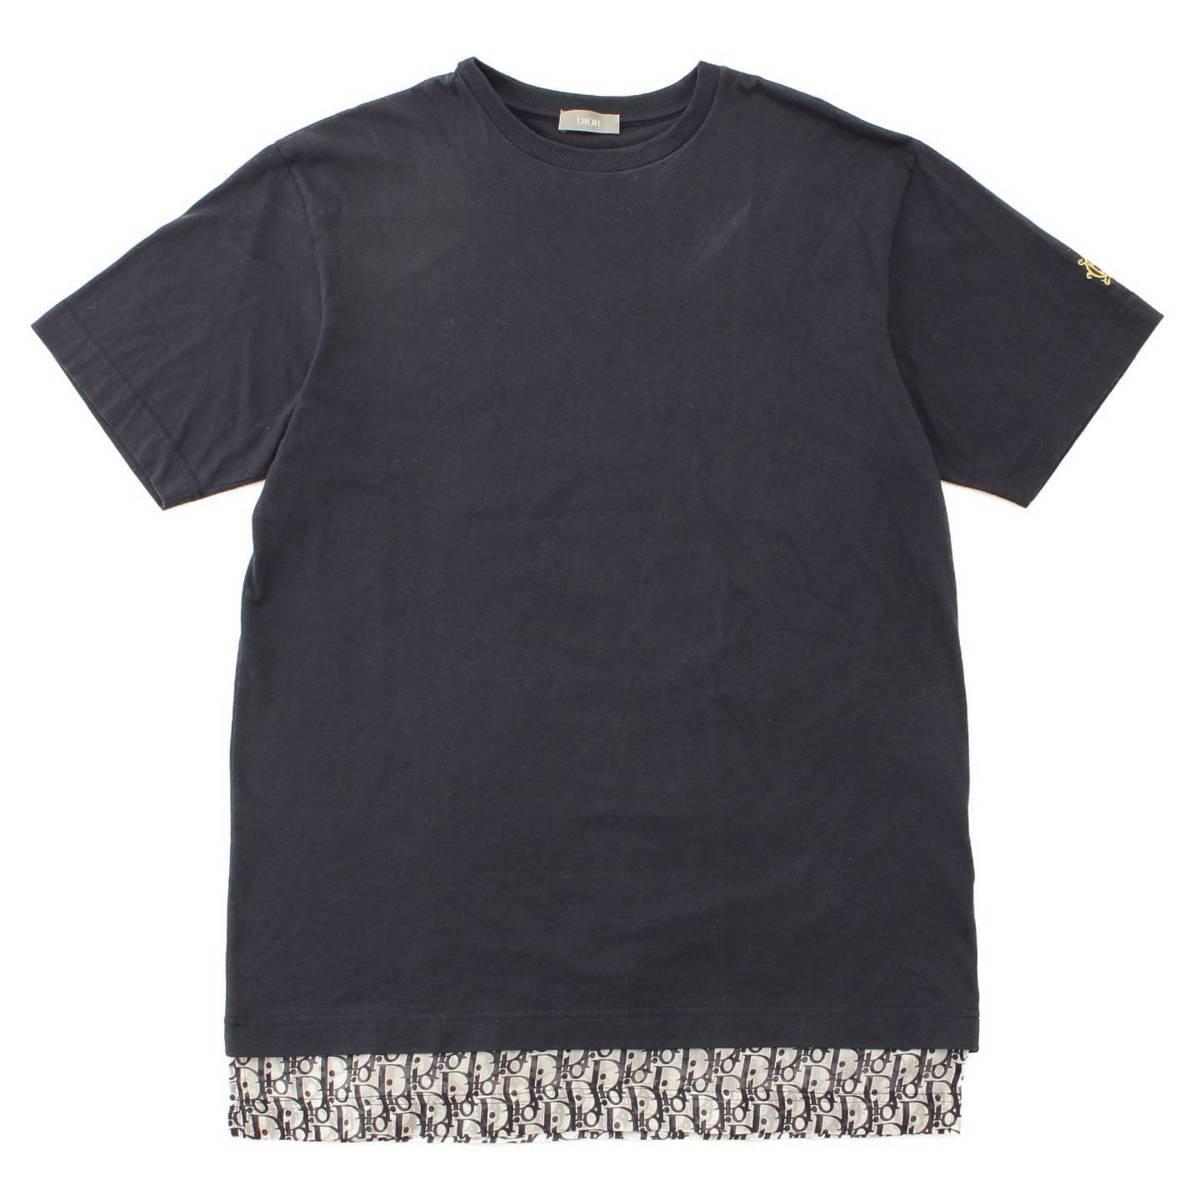 【ディオールオム】Dior Homme ディオール 19ss オブリーク柄 モノグラム ロゴ シルク レイヤード Tシャツ 【中古】【鑑定済・正規品保証】96794